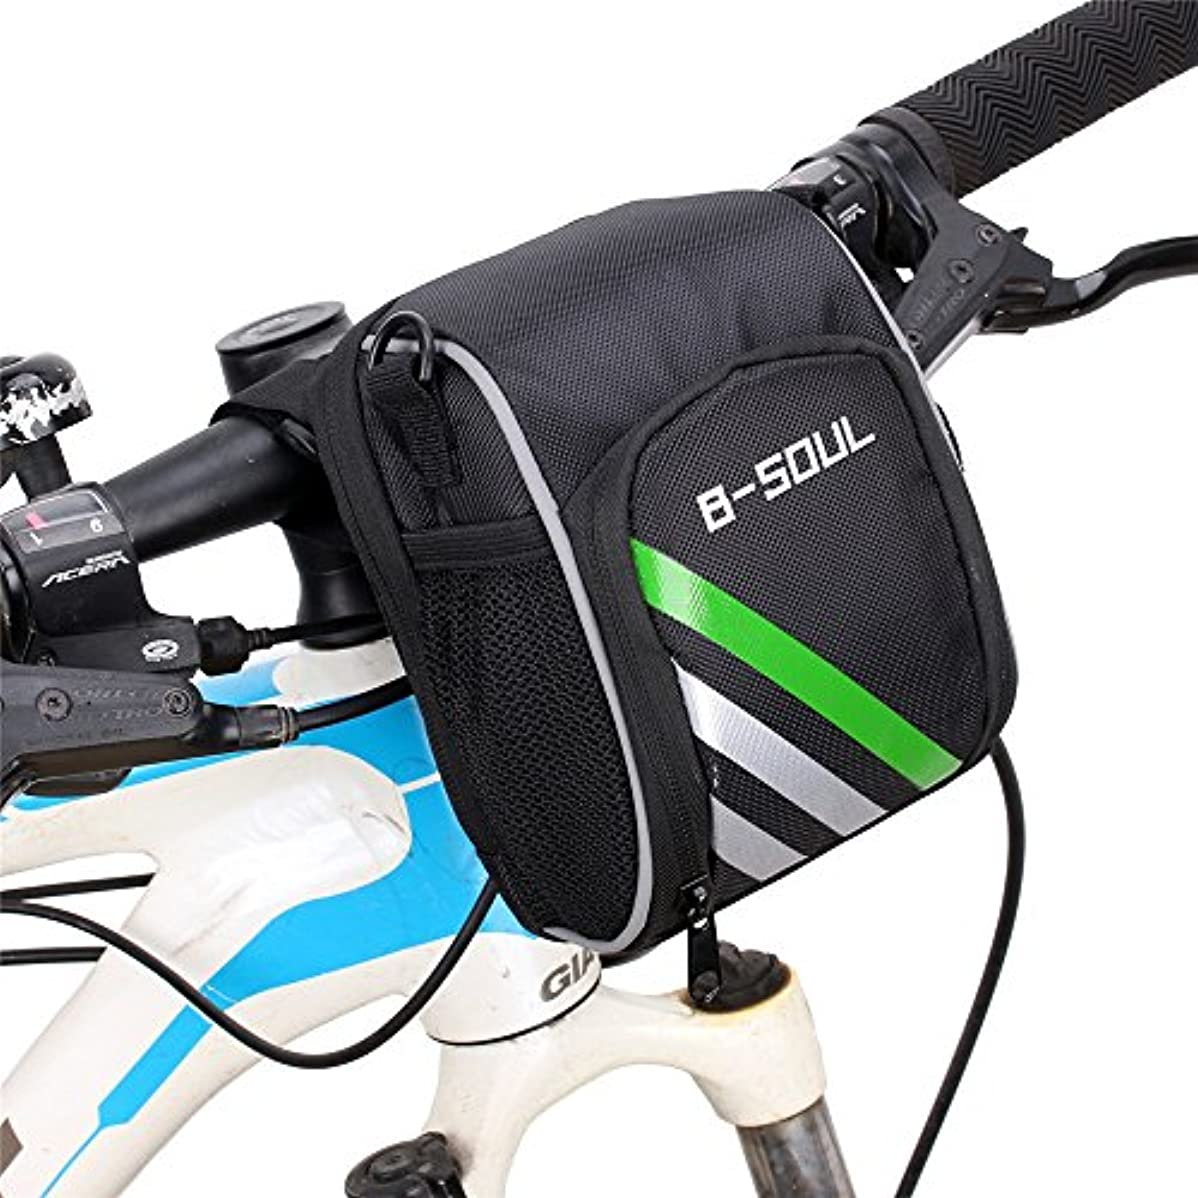 天の不格好さらにバイクフレームバッグ 自転車MTBハンドルバッグ、防水マウンテンバイクポーチ多機能バイクバッグ、取り外し可能なストラップと大人と子供のための防水カバー 取り外し可能ショルダーストラップ